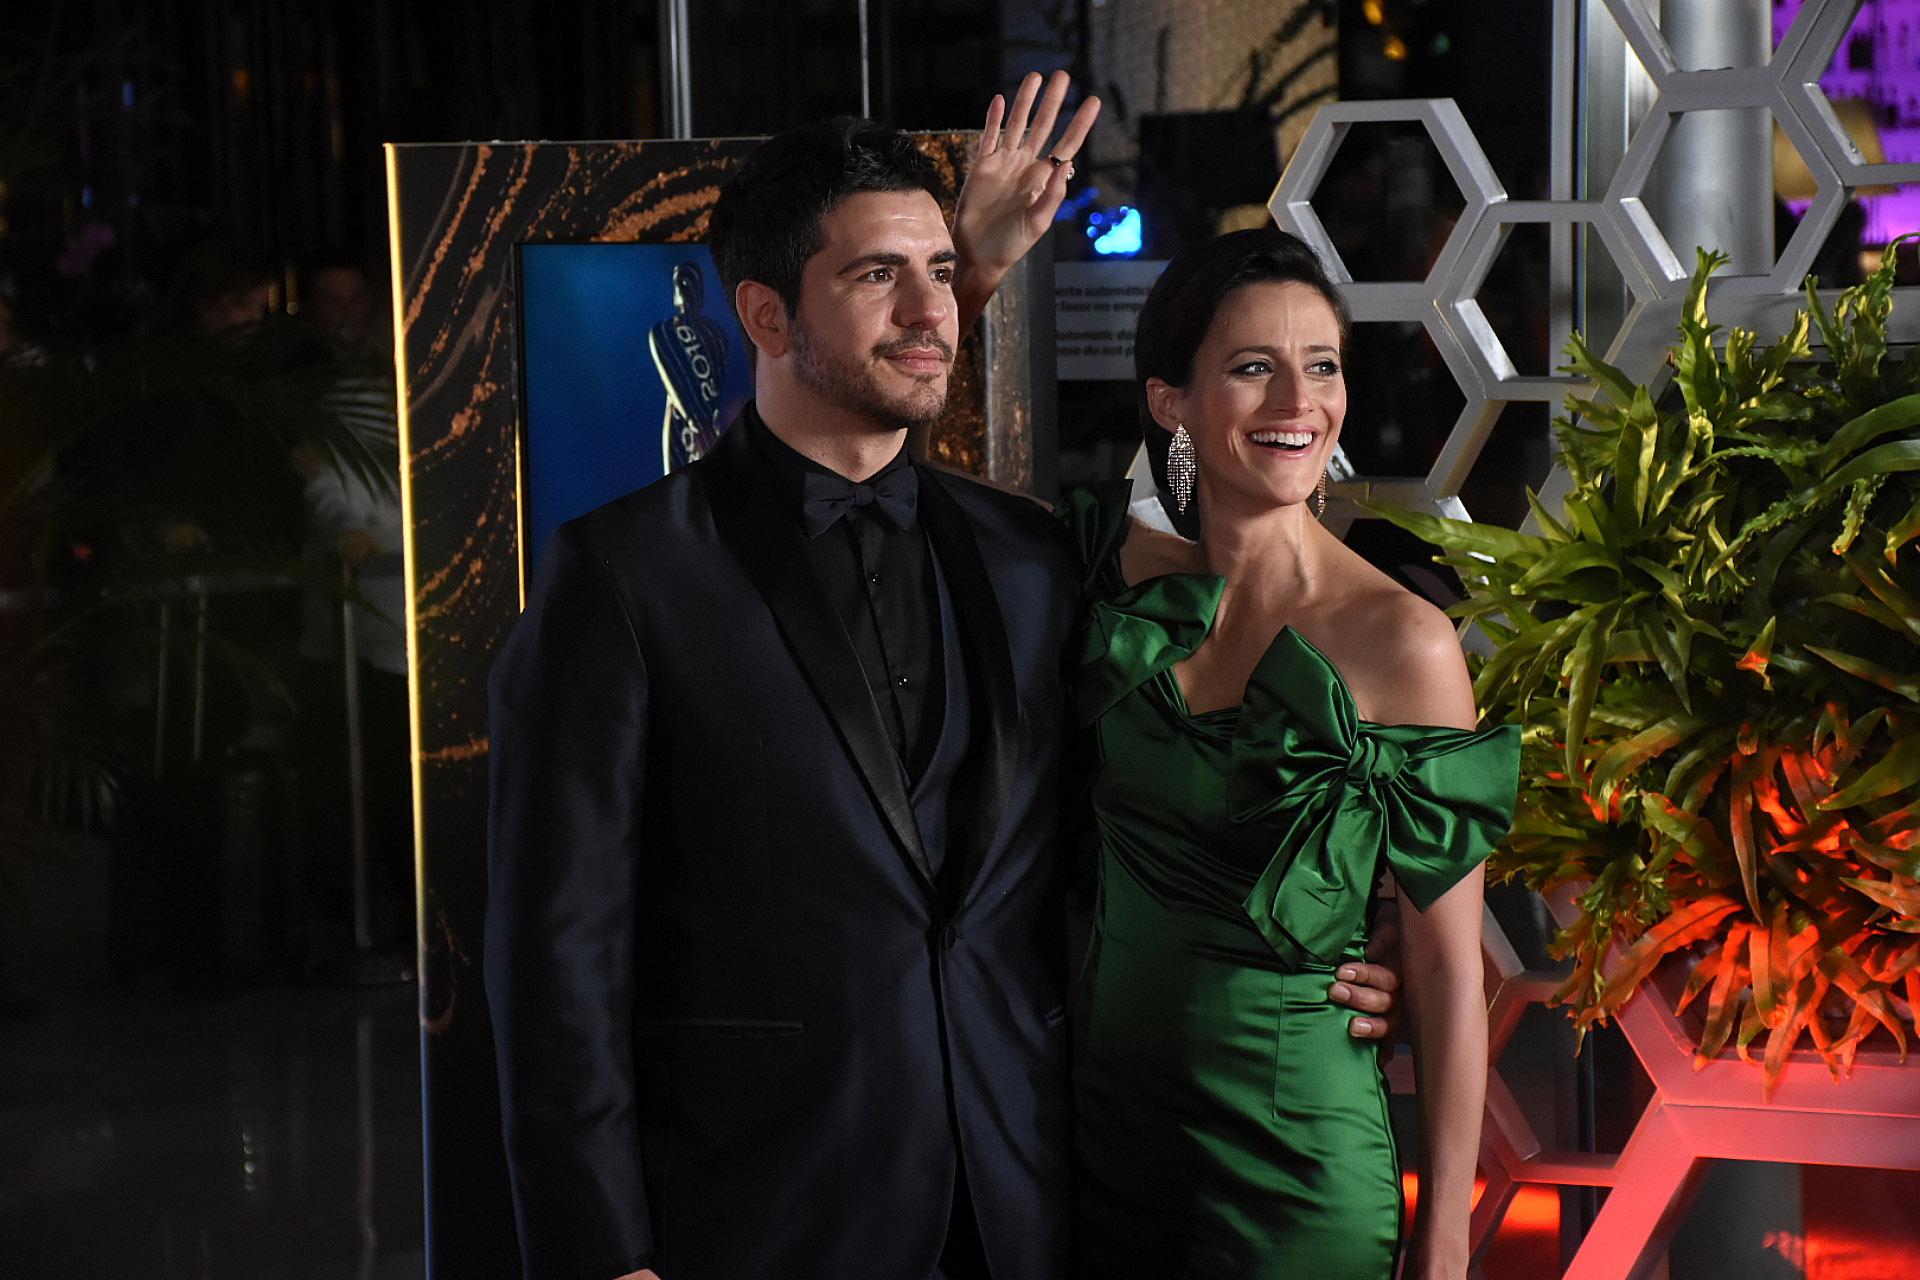 Marco Antonio Caponi, nominado como Actor Protagonista en Unitario y/o Miniserie por Sandro de Amércia (telefe), junto a Mónica Antonópulos